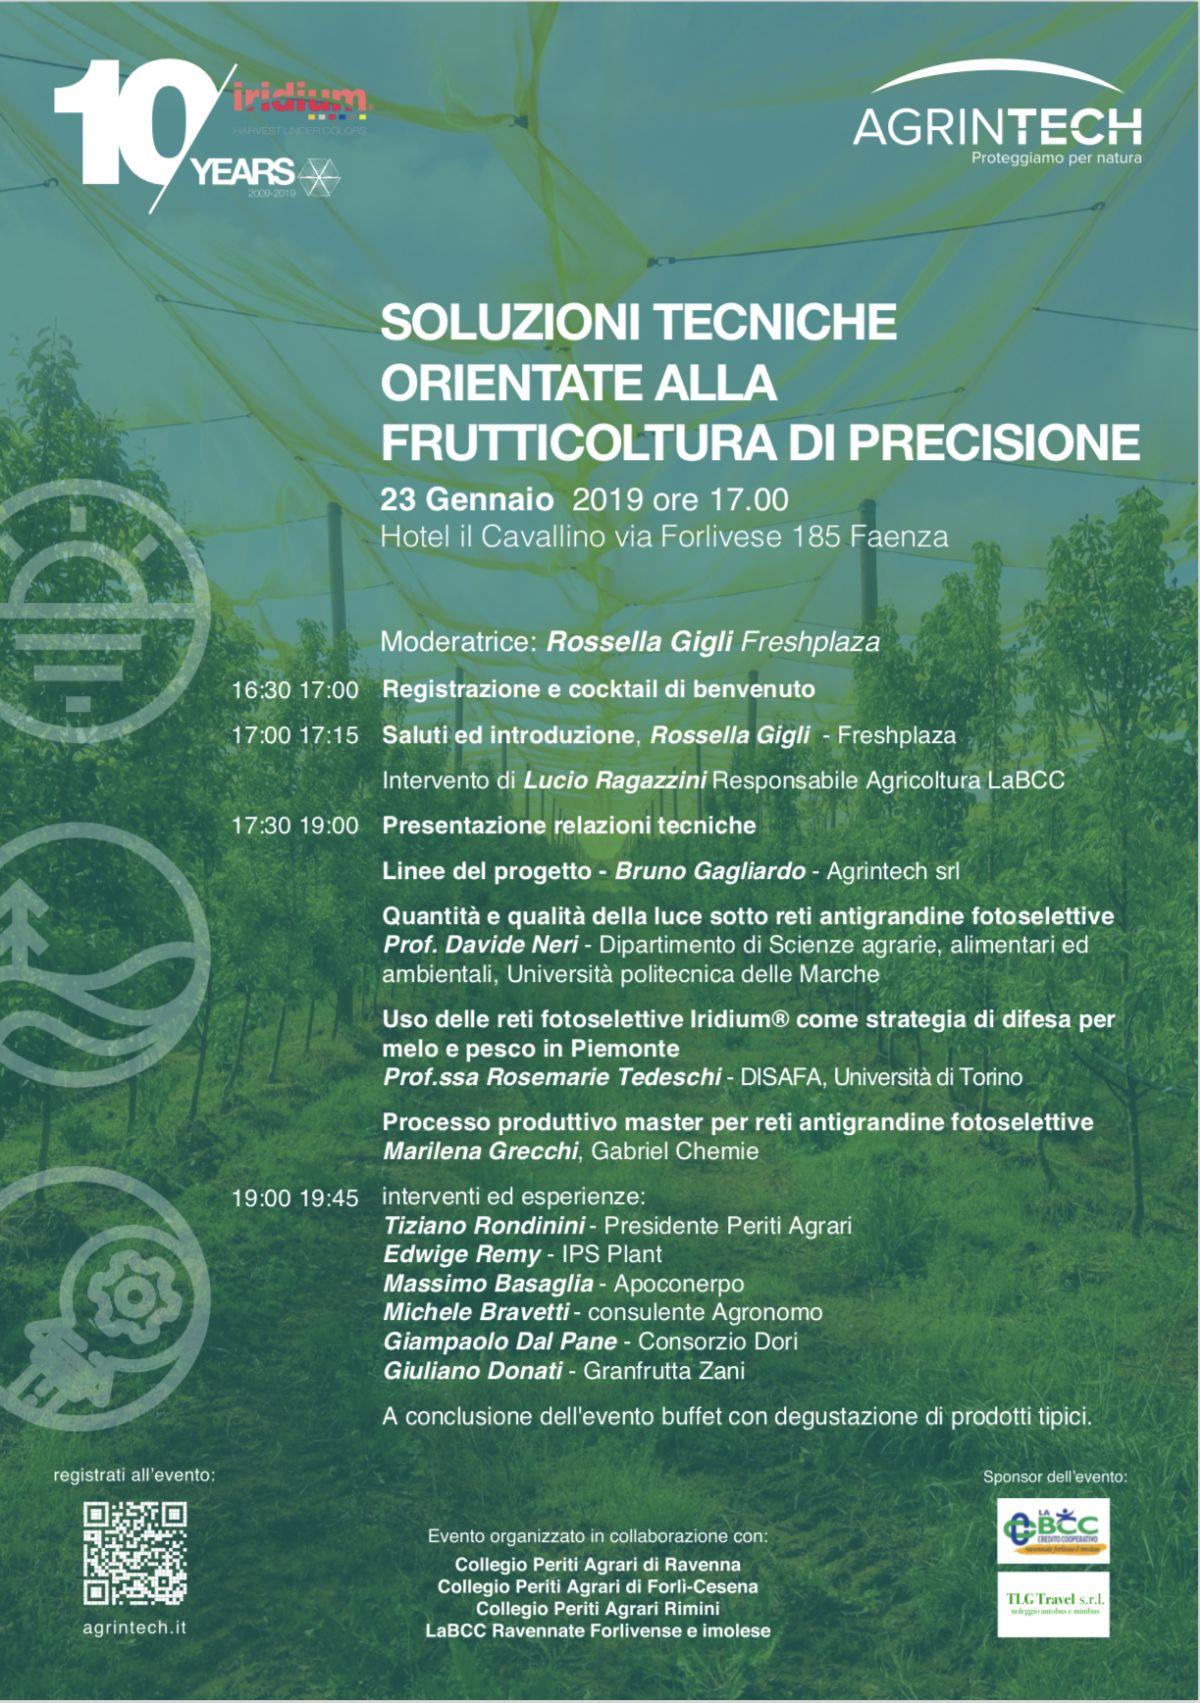 Convegno a Faenza sulla frutticoltura, LA BCC tra i relatori